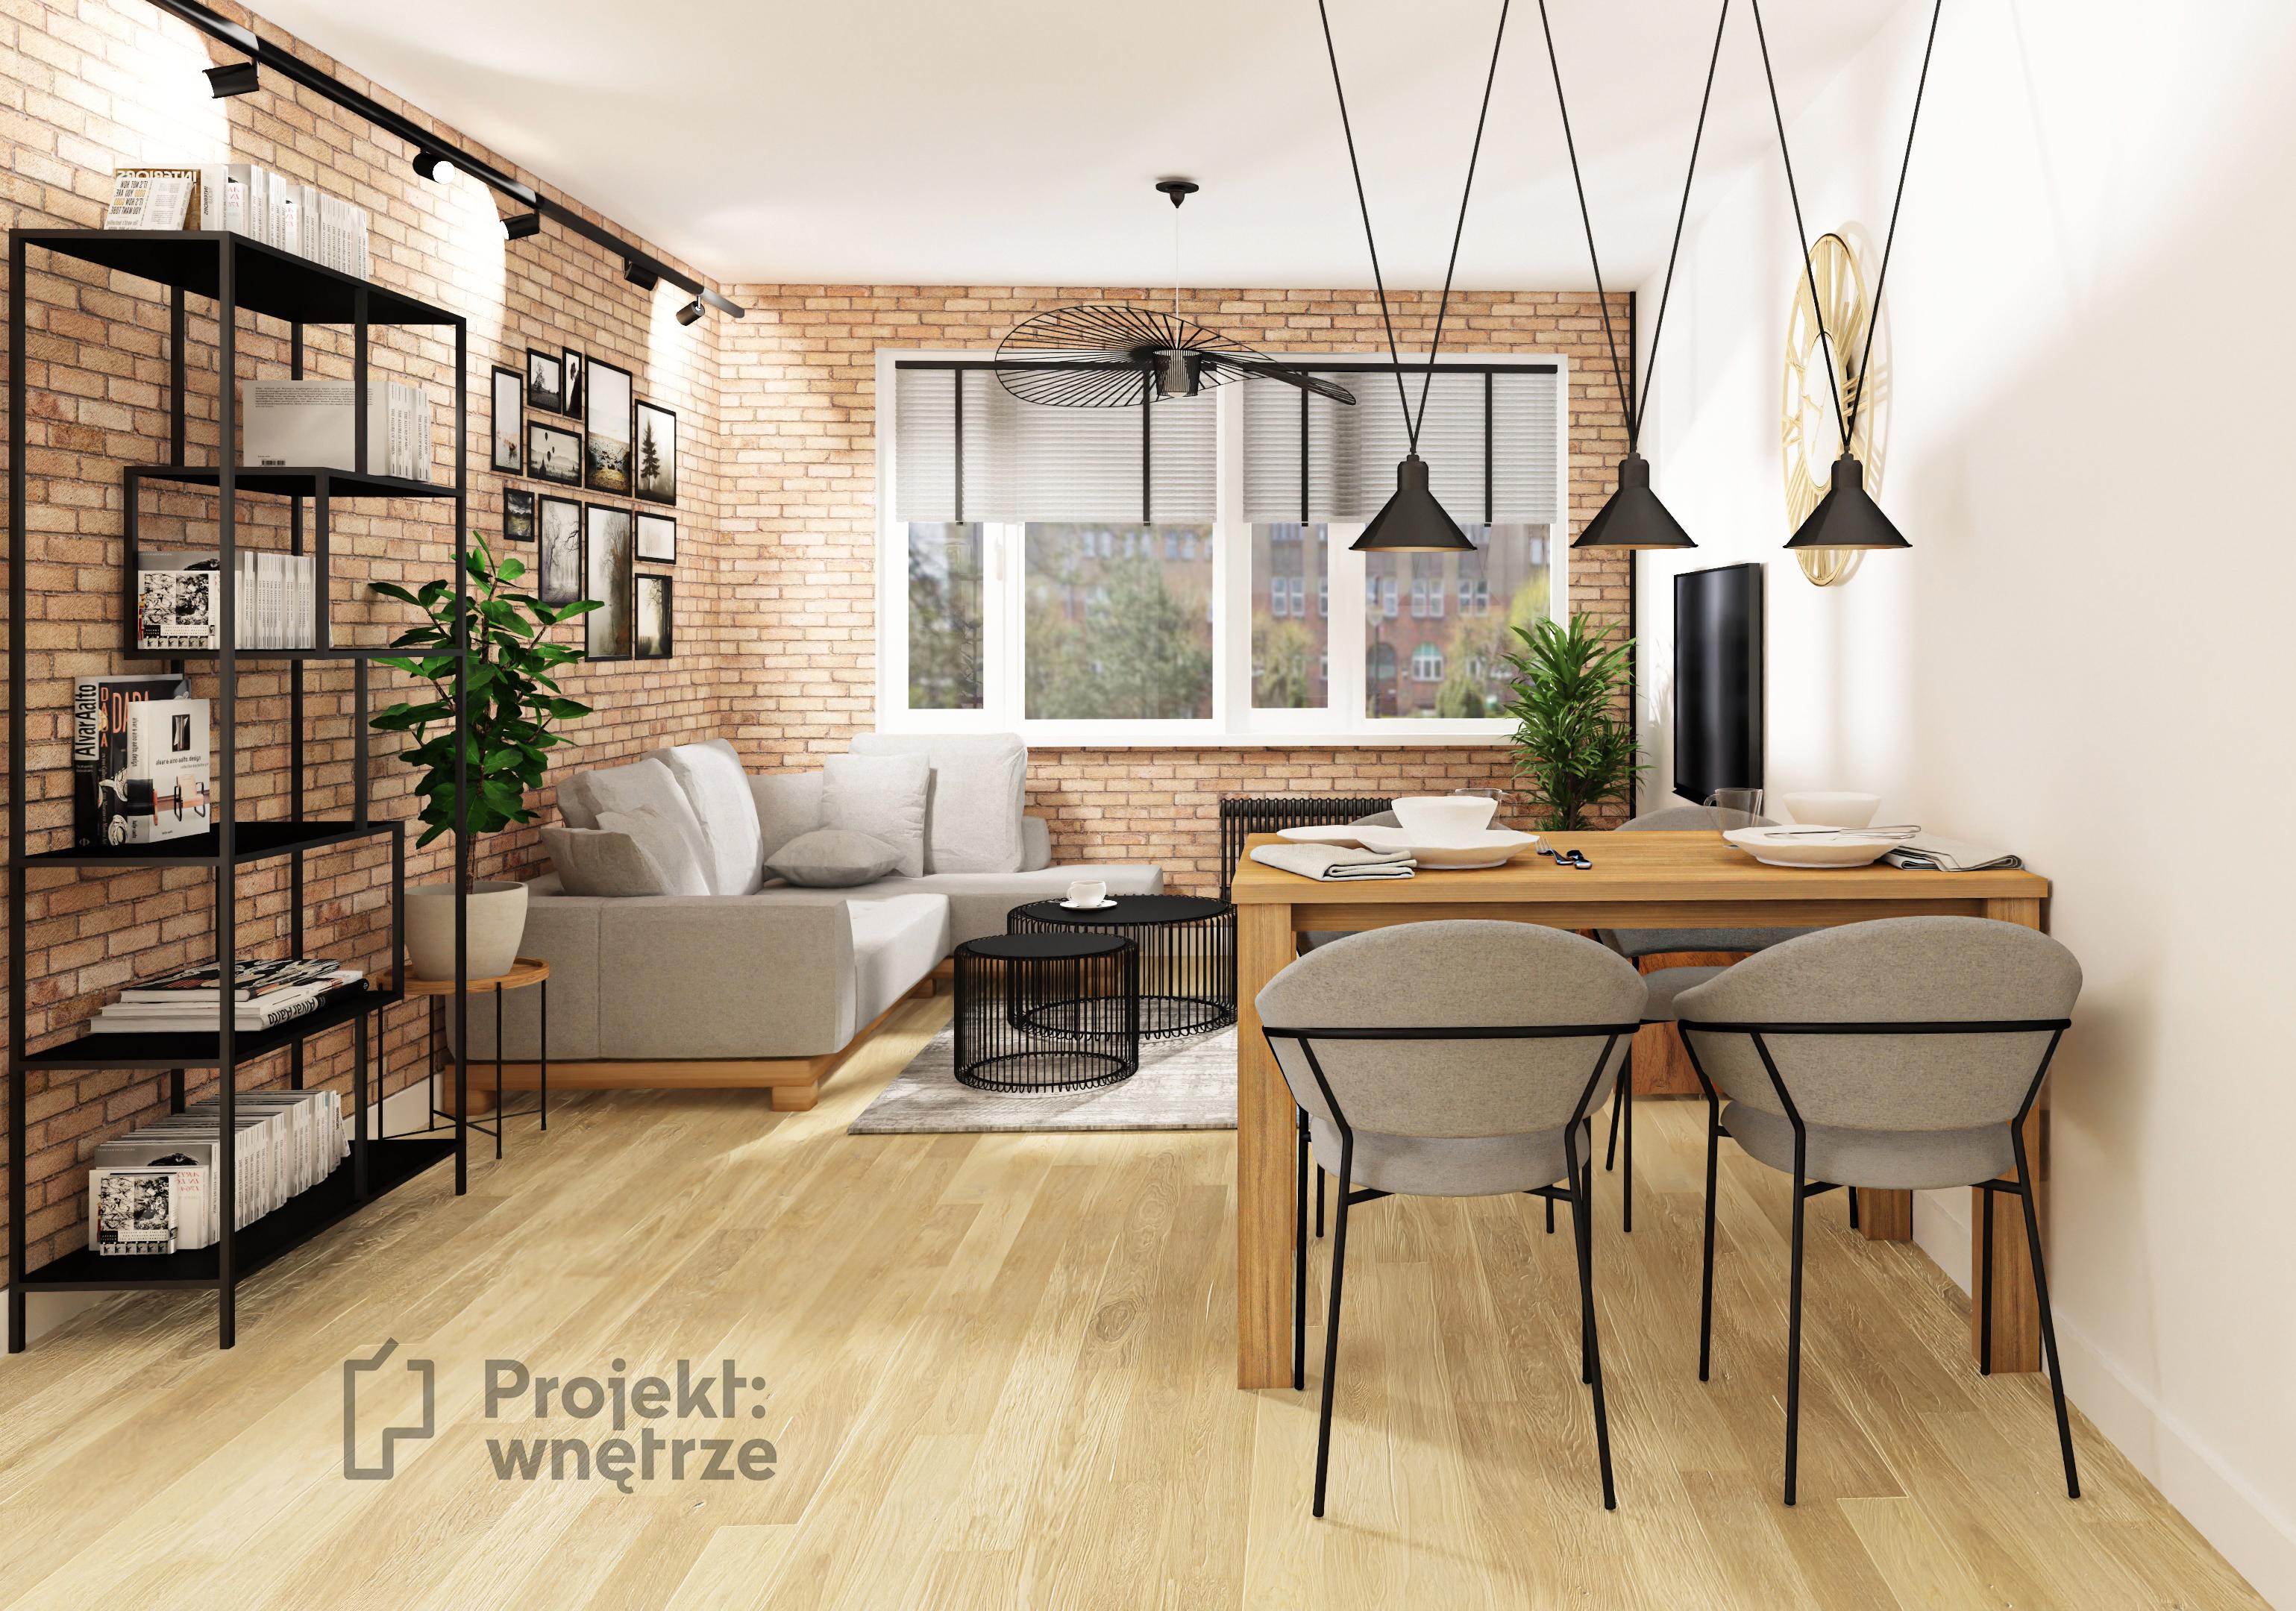 Kawalerka loft - małe mieszkanie cegła szarość czerń - salon z aneksem - PROJEKT: WNĘTRZE www.projektwnetrze.com.pl